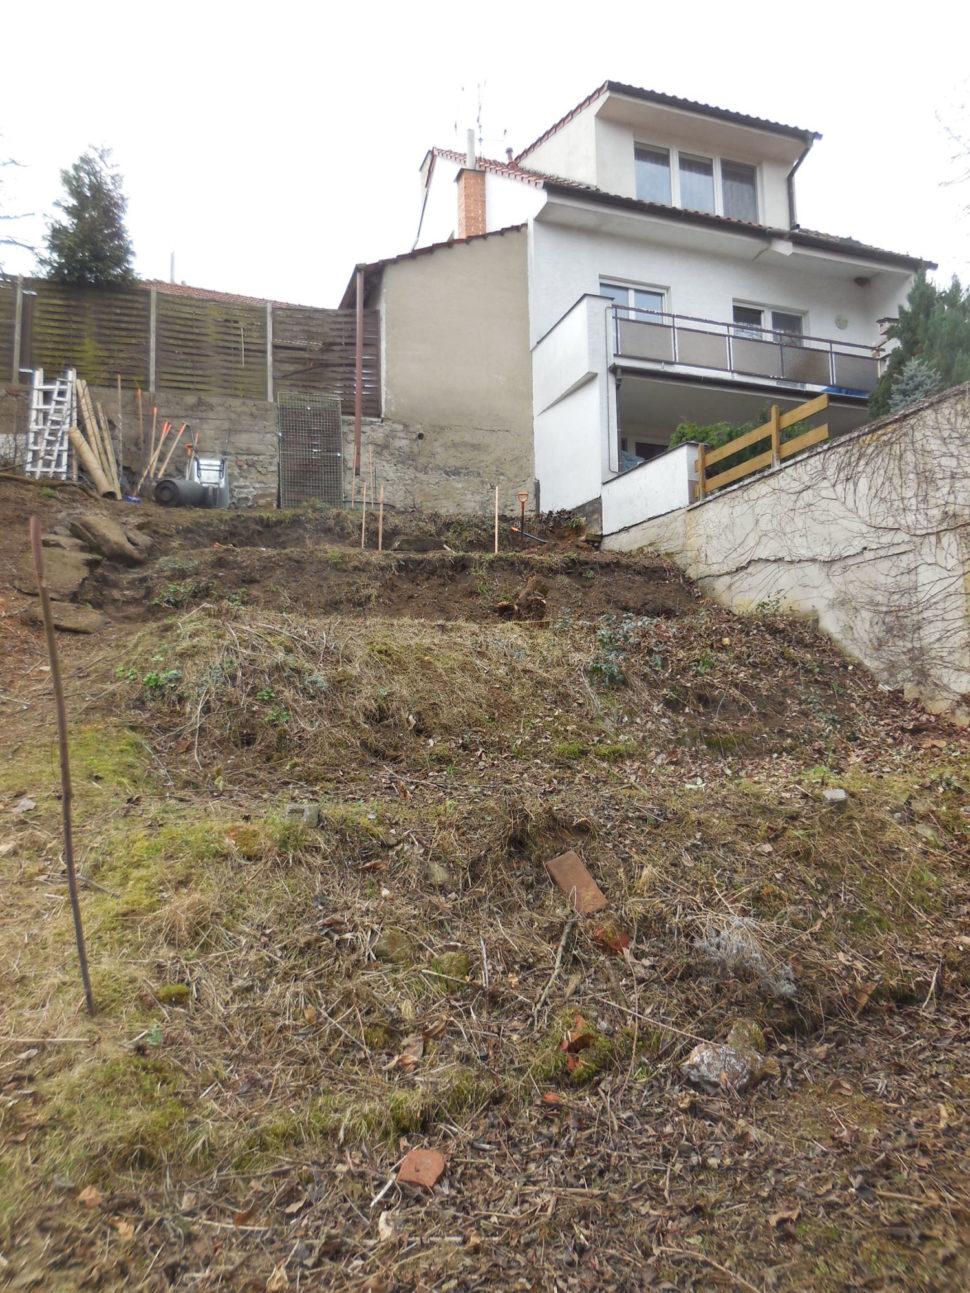 Původní pozemek už povykácení stromů akeřů adrobných terénních úpravách